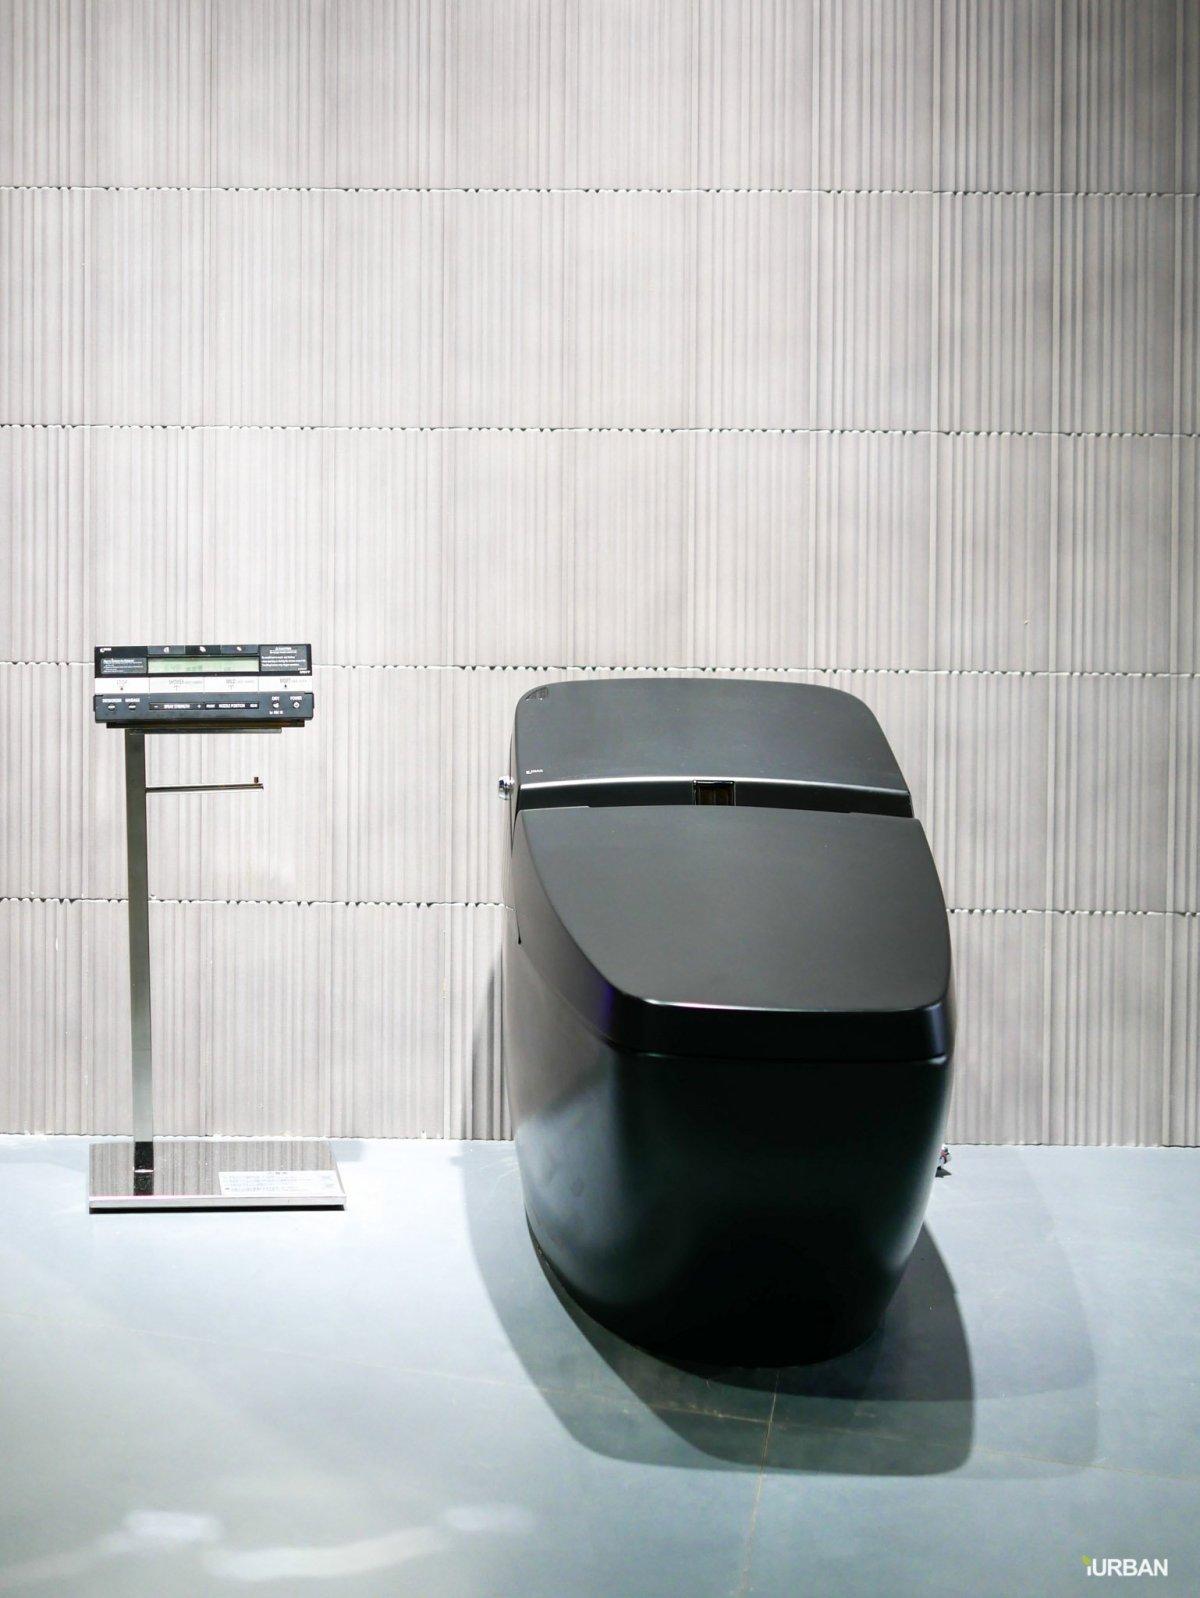 ปฏิวัติวงการเซรามิค 100 ปี ยังดูดีเหมือนใหม่ ชมนวัตกรรมสุขภัณฑ์ใหม่ในงานสถาปนิก '61 24 - American Standard